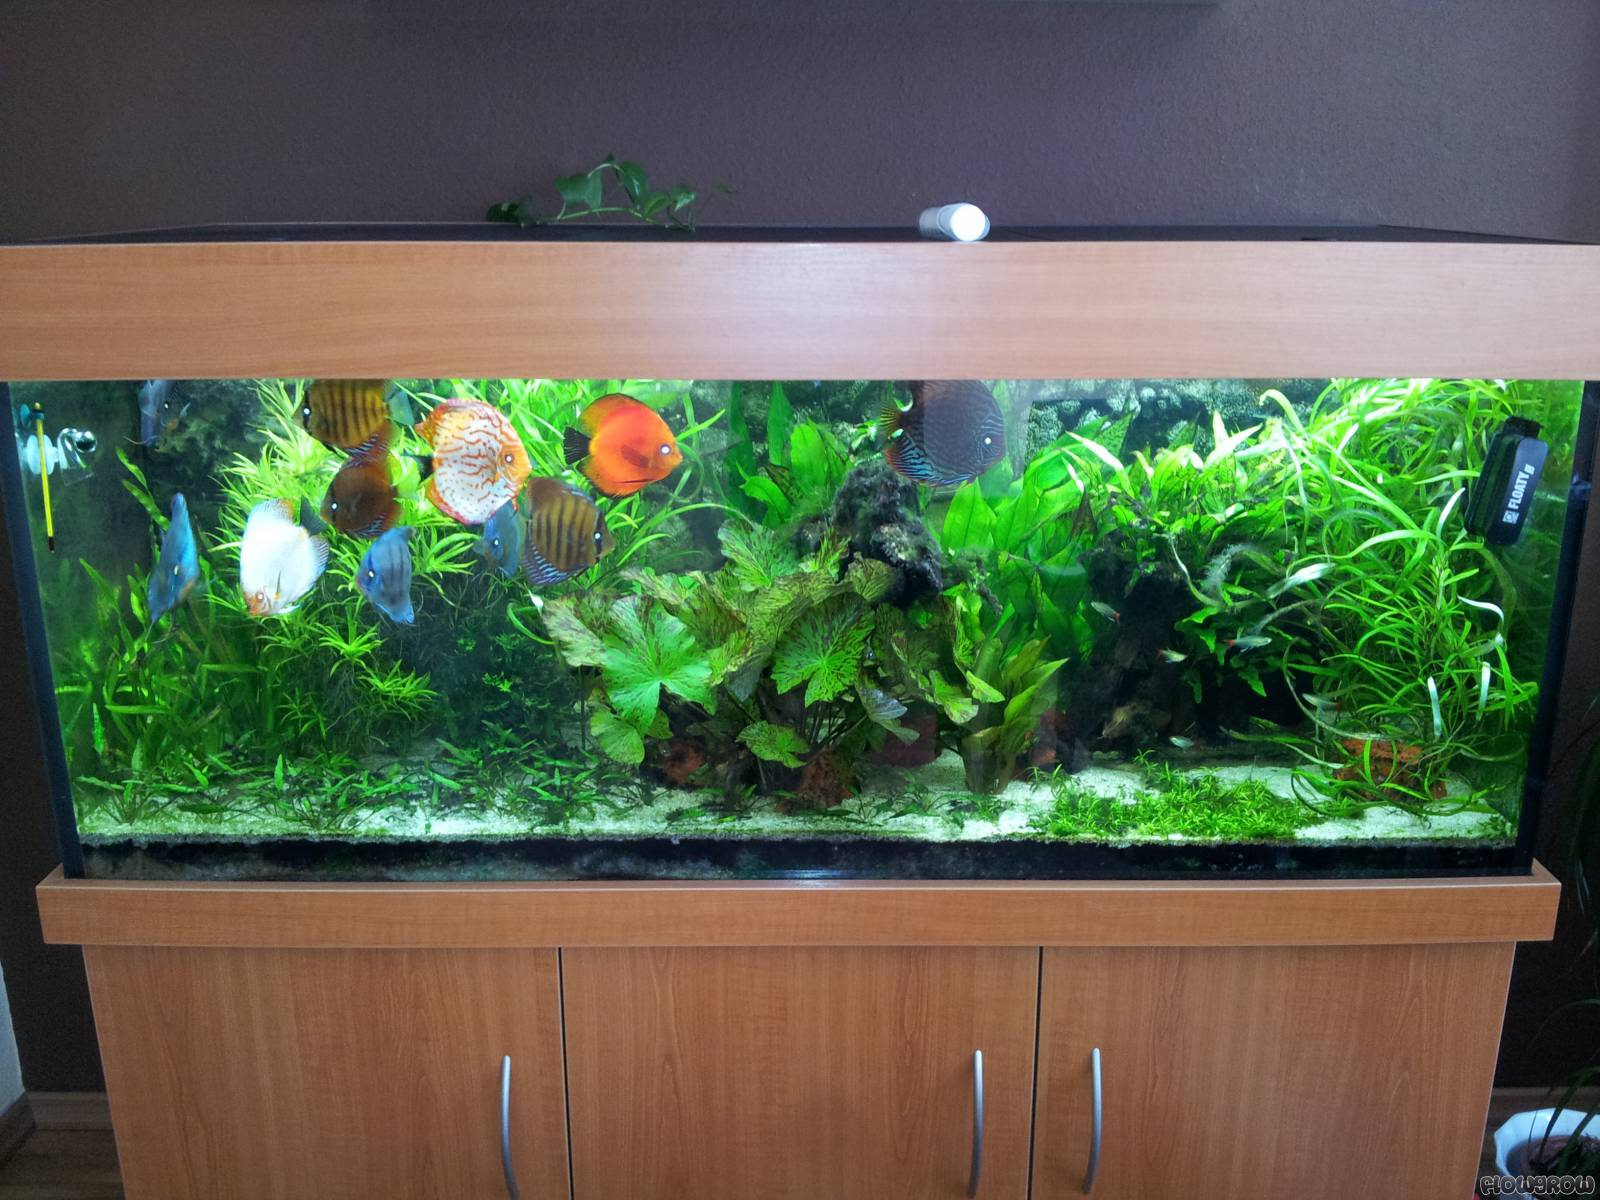 540l diskus flowgrow aquascape aquarien datenbank. Black Bedroom Furniture Sets. Home Design Ideas